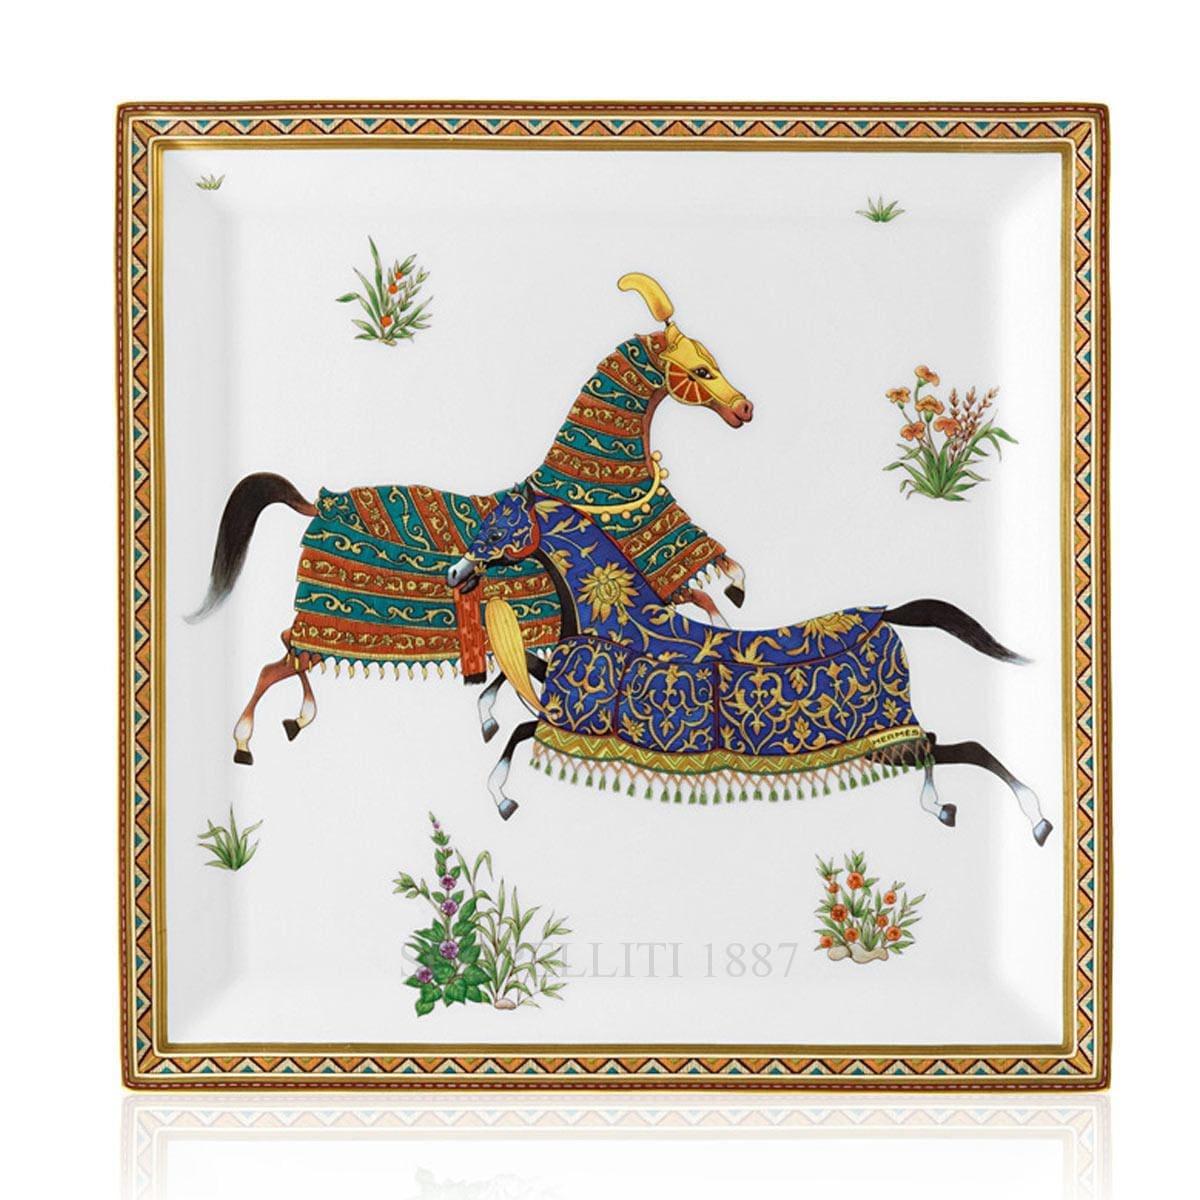 hermes paris cheval dorient designer porcelain square plate